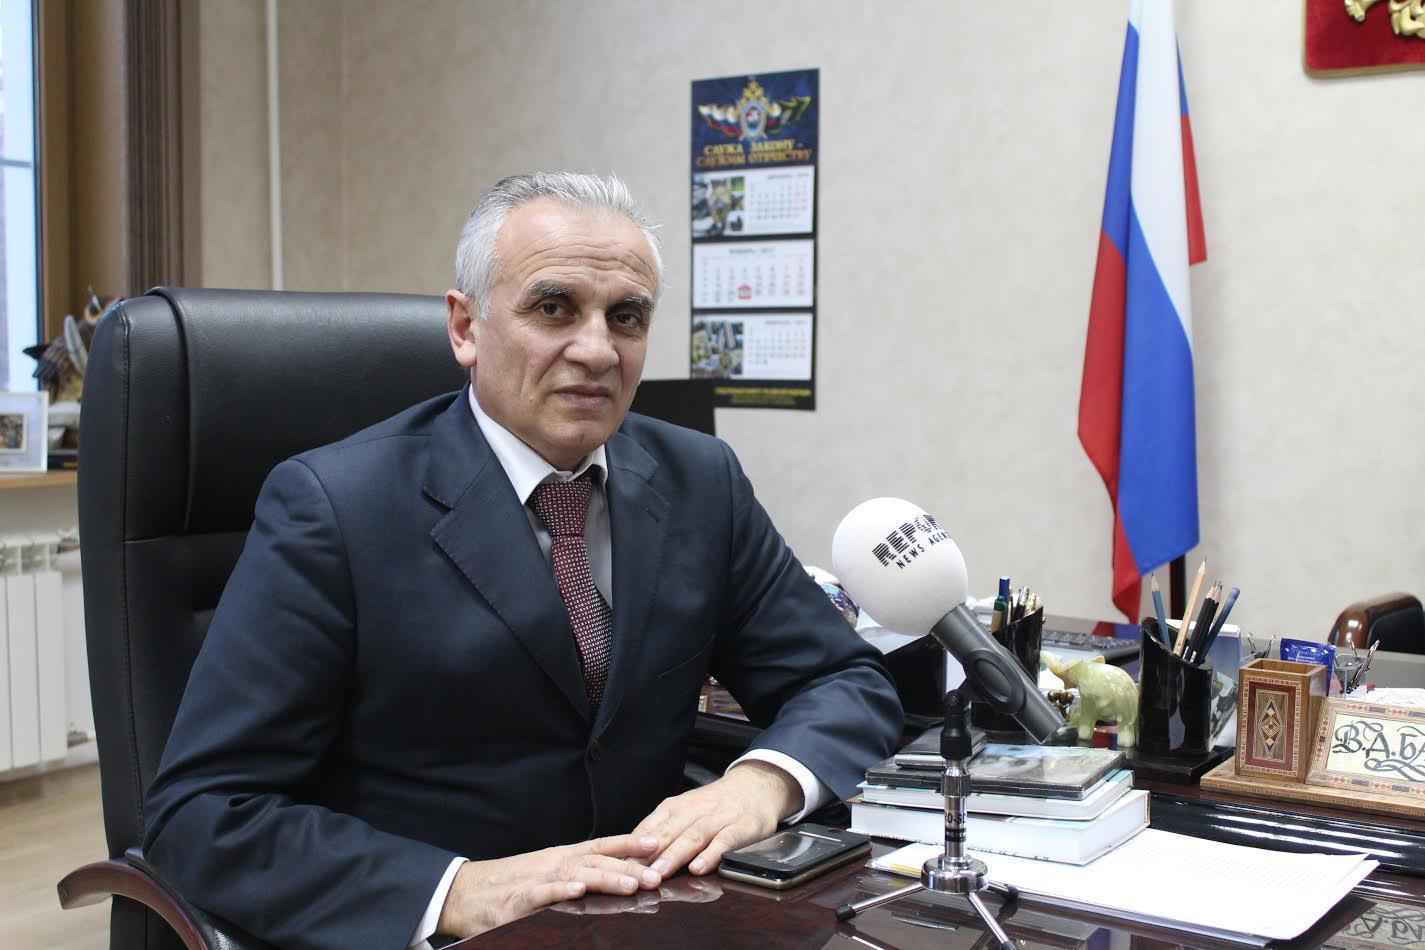 MDHİU-nun rektoru Vaqif Bayramov: Rusiyadakı Azərbaycan diasporu çox böyük potensiala malikdir - MÜSAHİBƏ